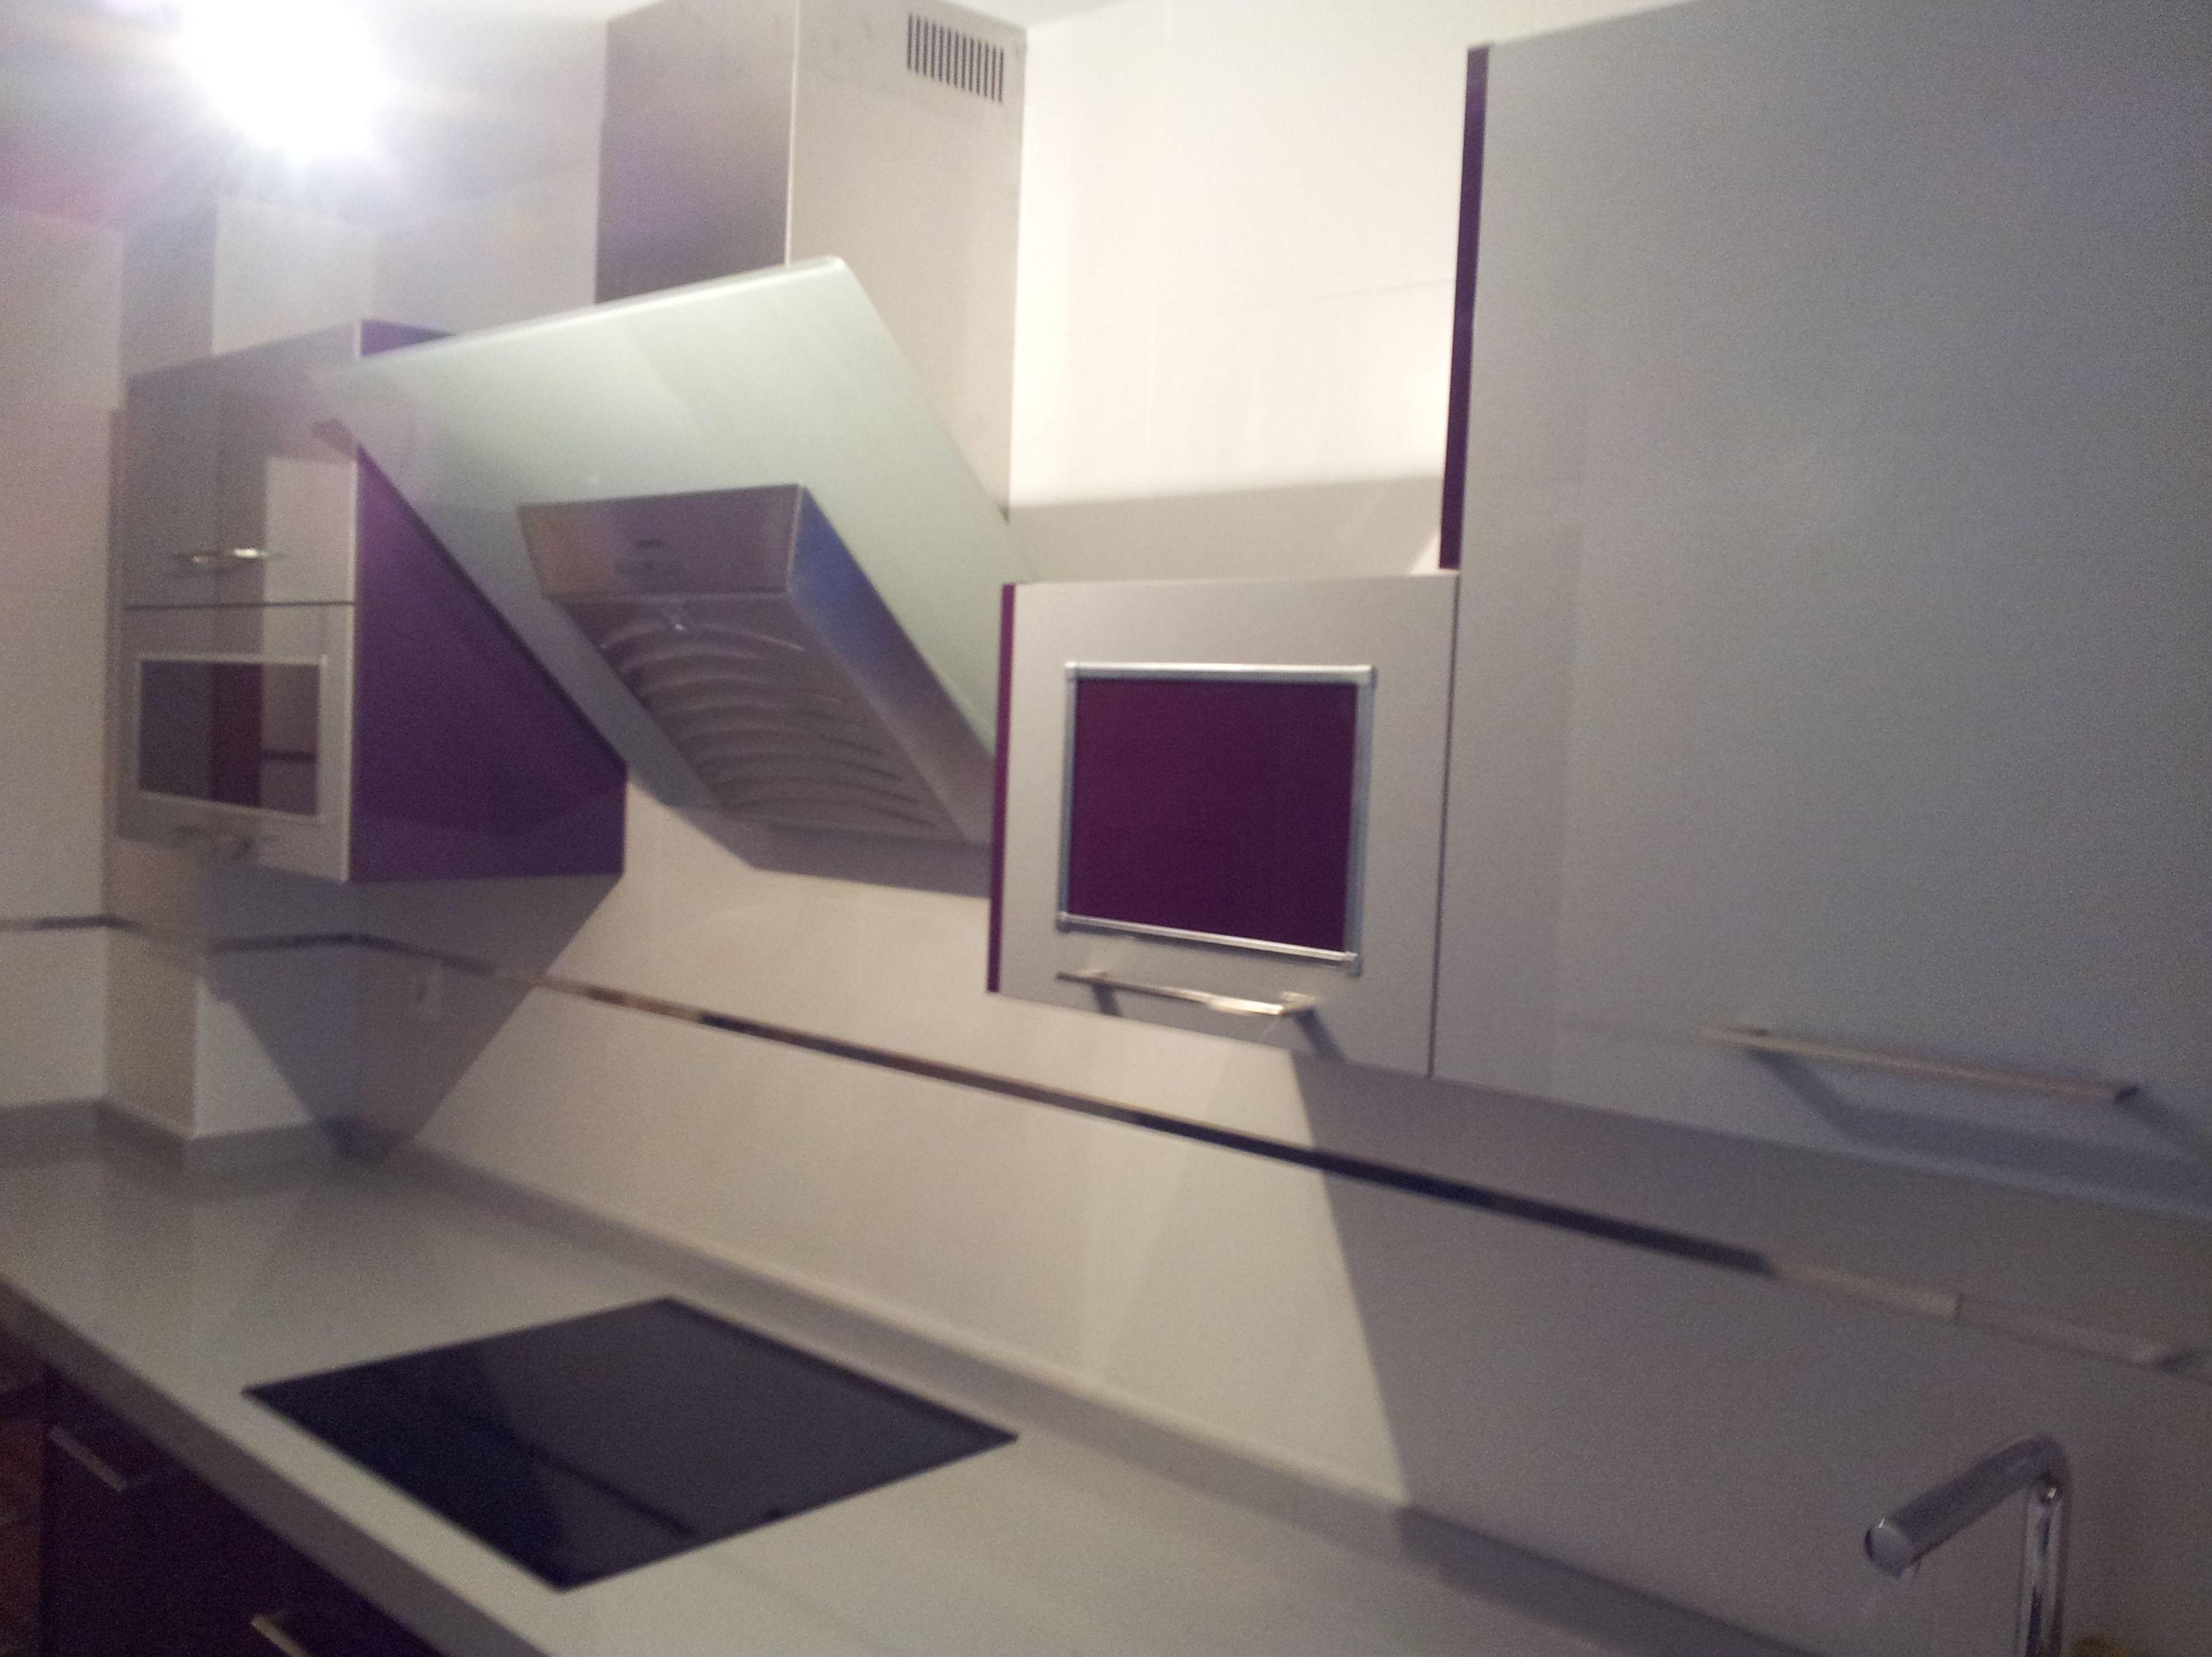 Cocina en estratificado color purpura y gris